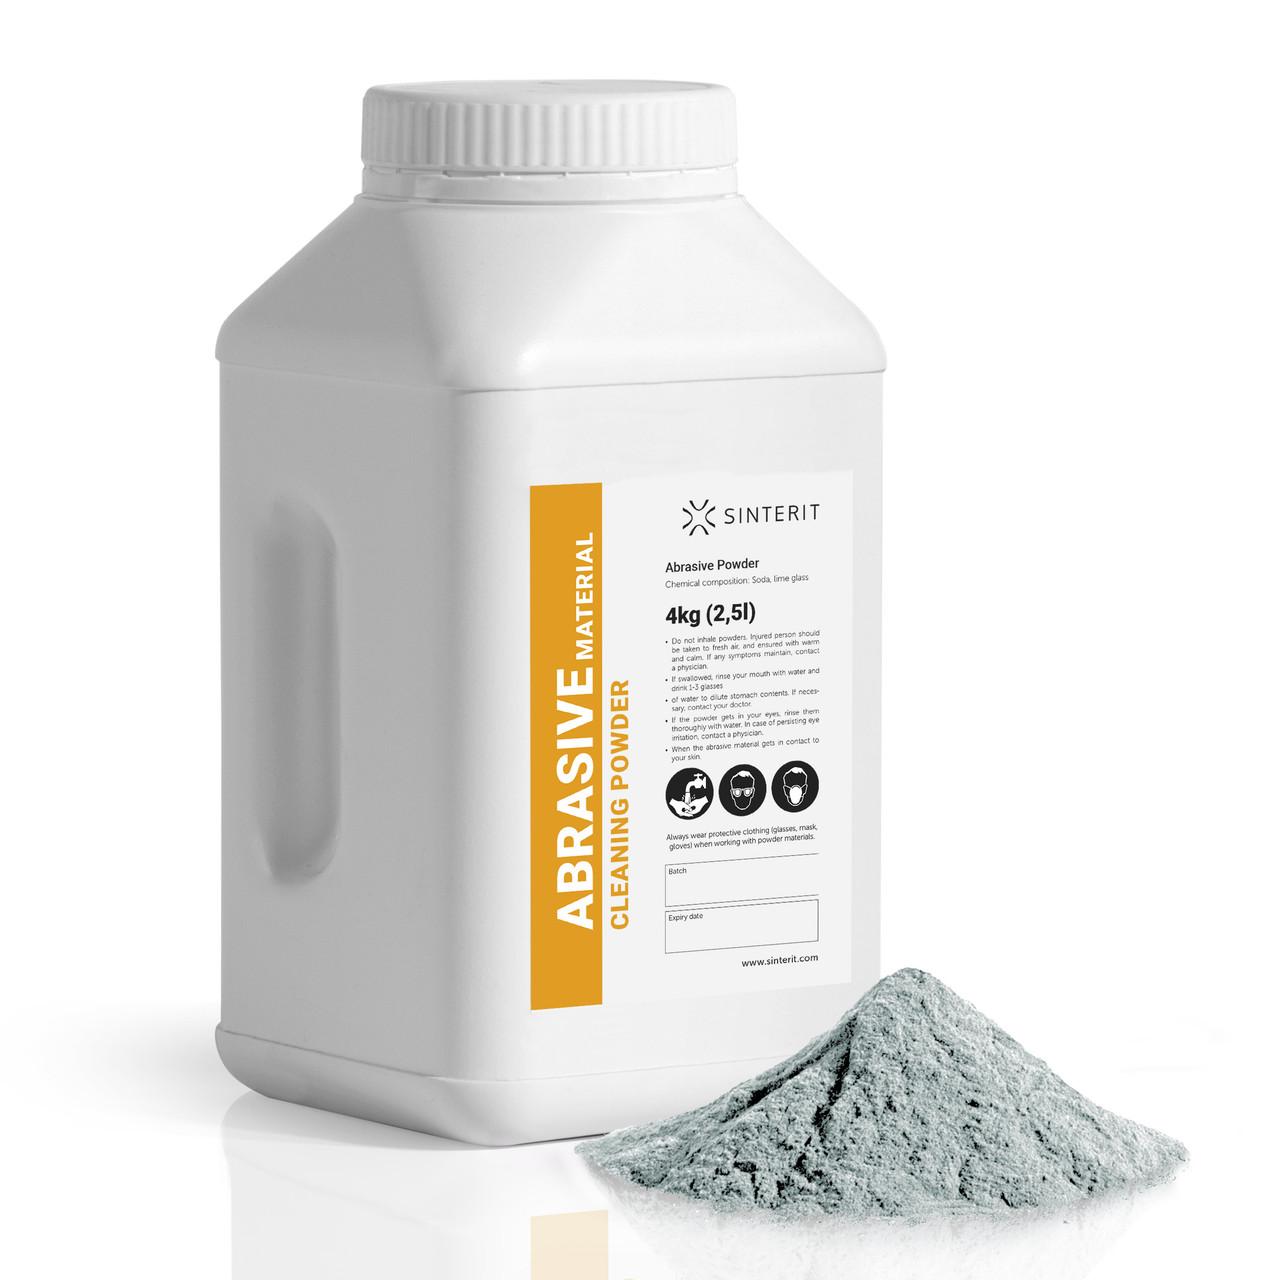 Abrasive material for the Sandblaster